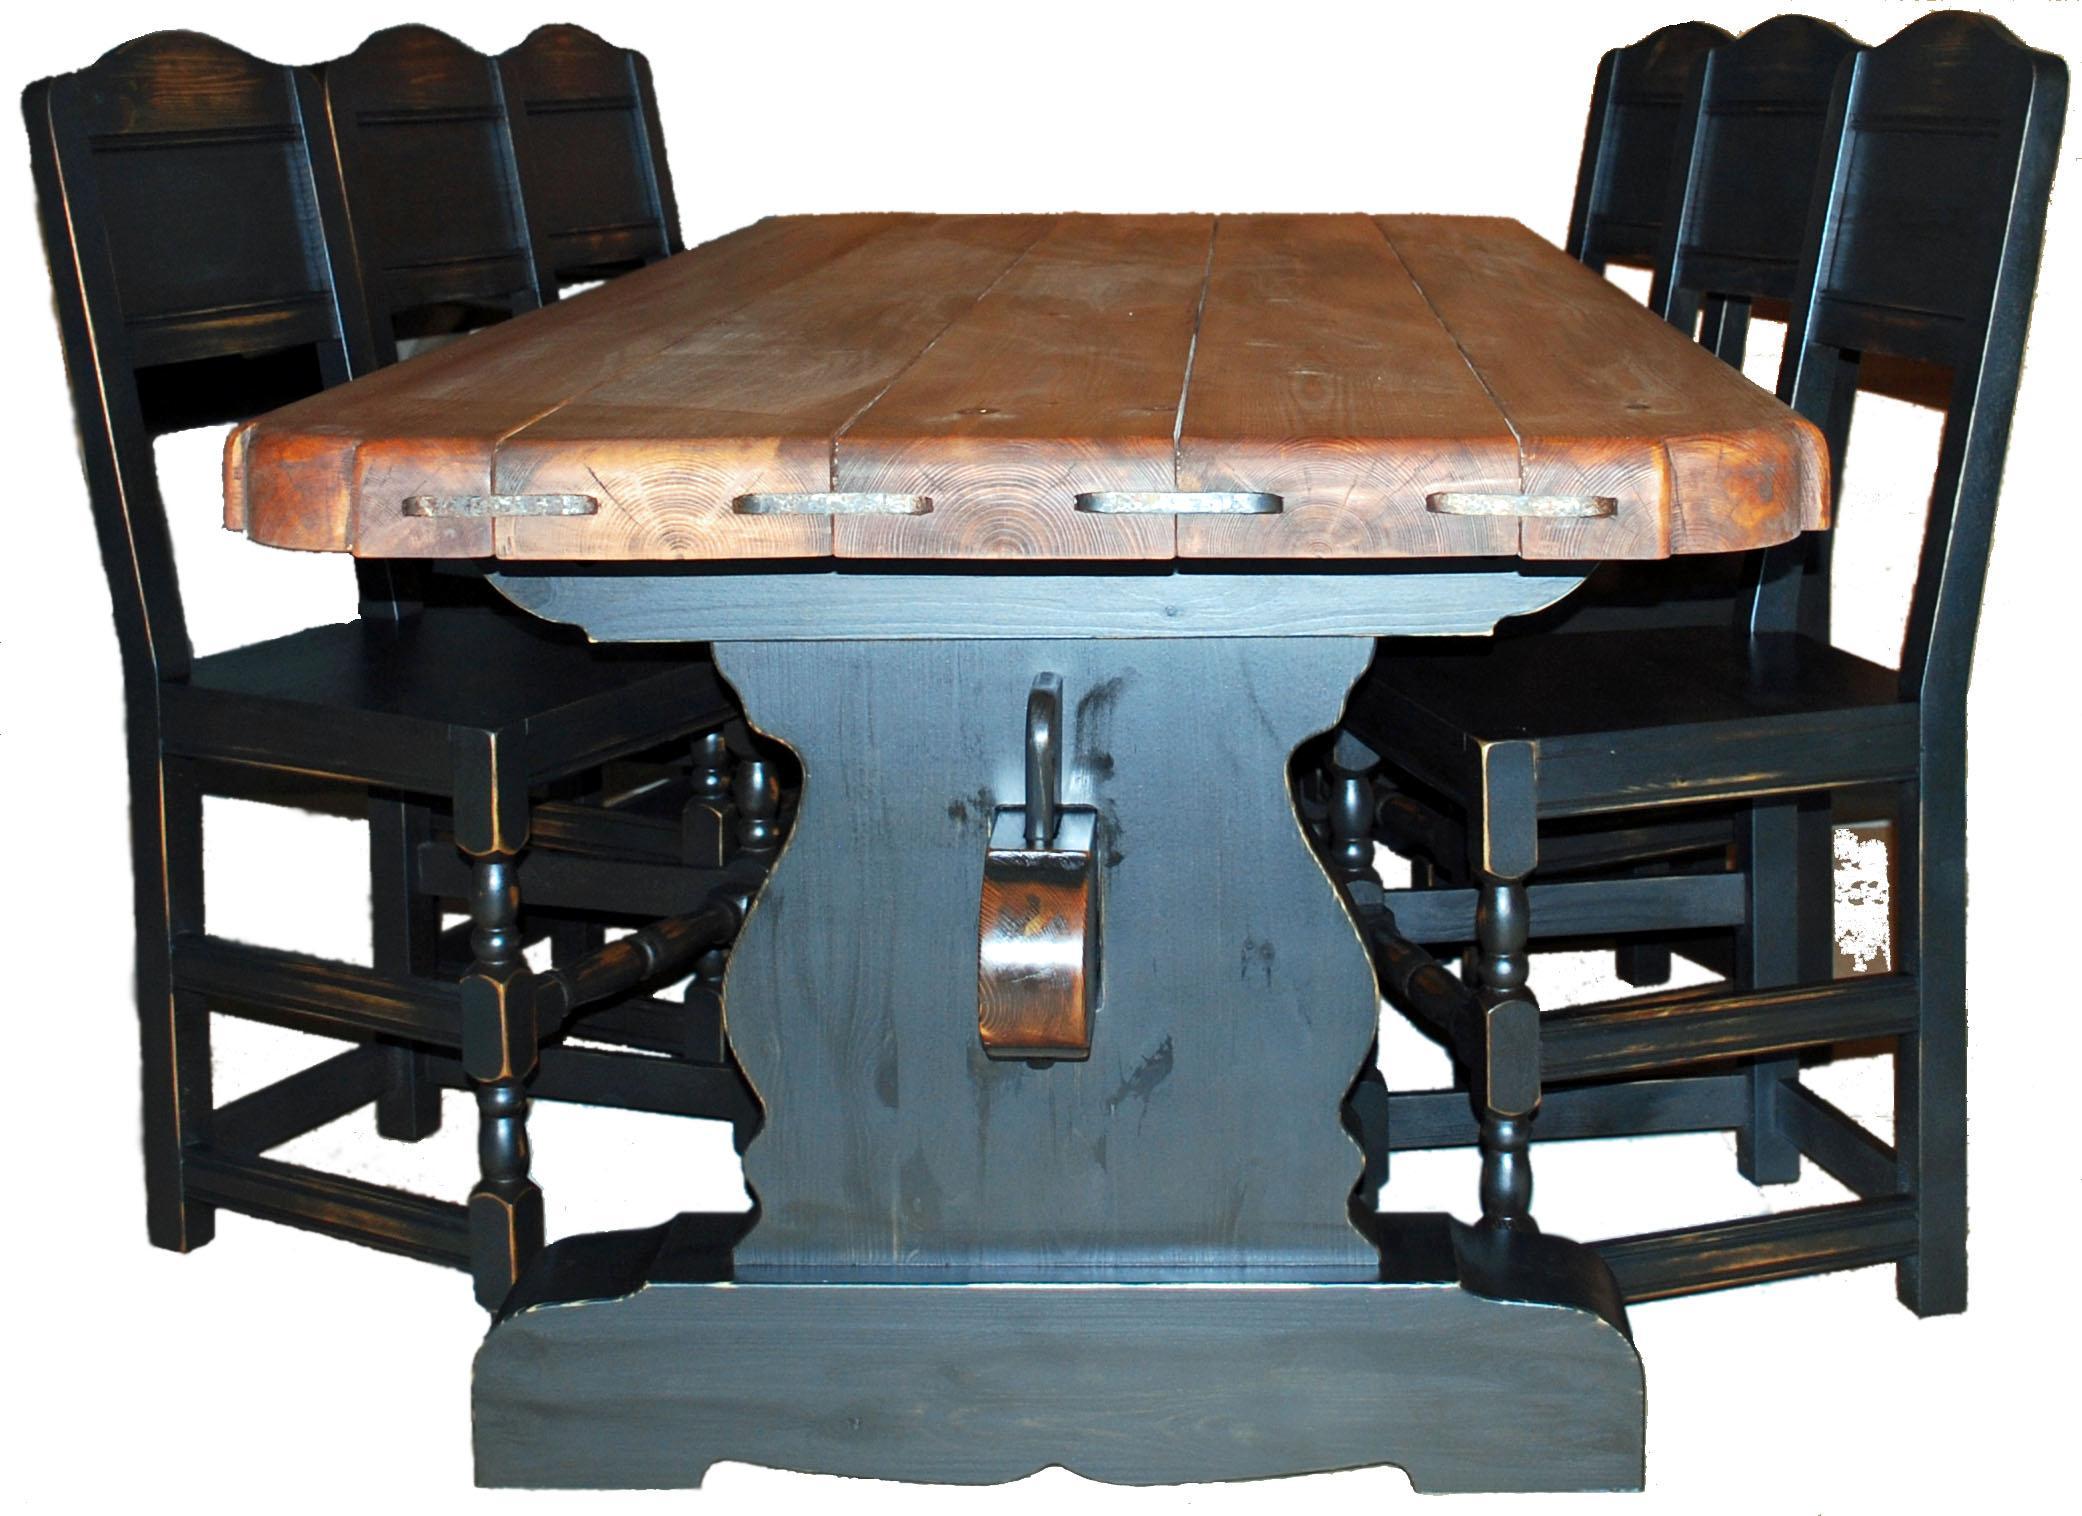 Ensemble table et chaises pour salle manger rustique campagne 1 0 10 0 - Ensemble table chaise salle a manger ...